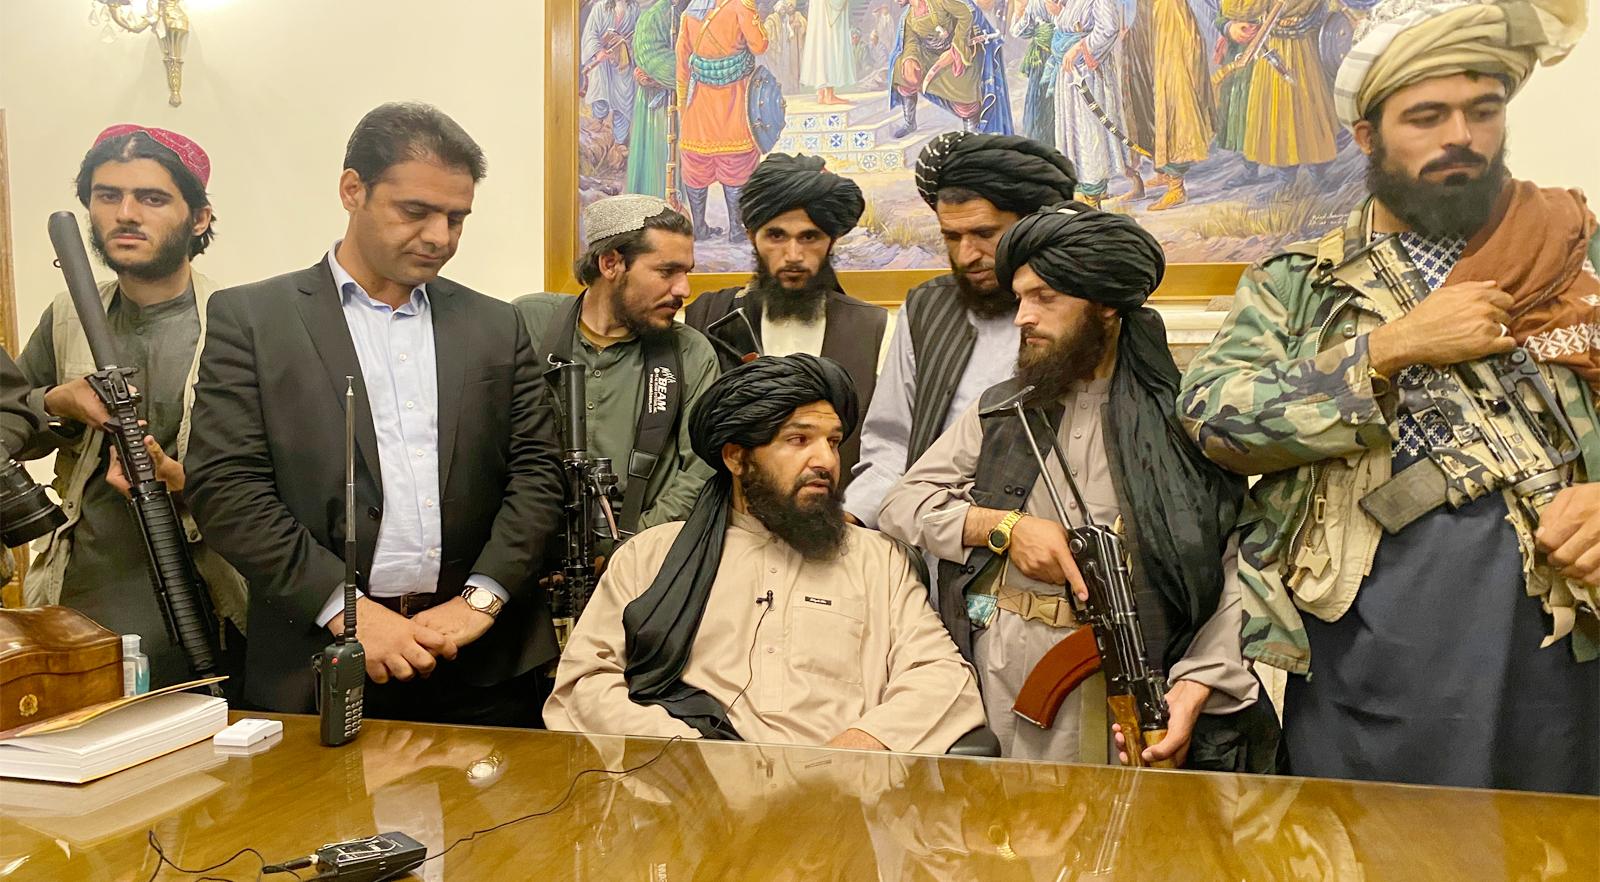 পশ্চিমাদের পলায়ন, আফগানিস্তানের রাষ্ট্রক্ষমতায় তালেবান